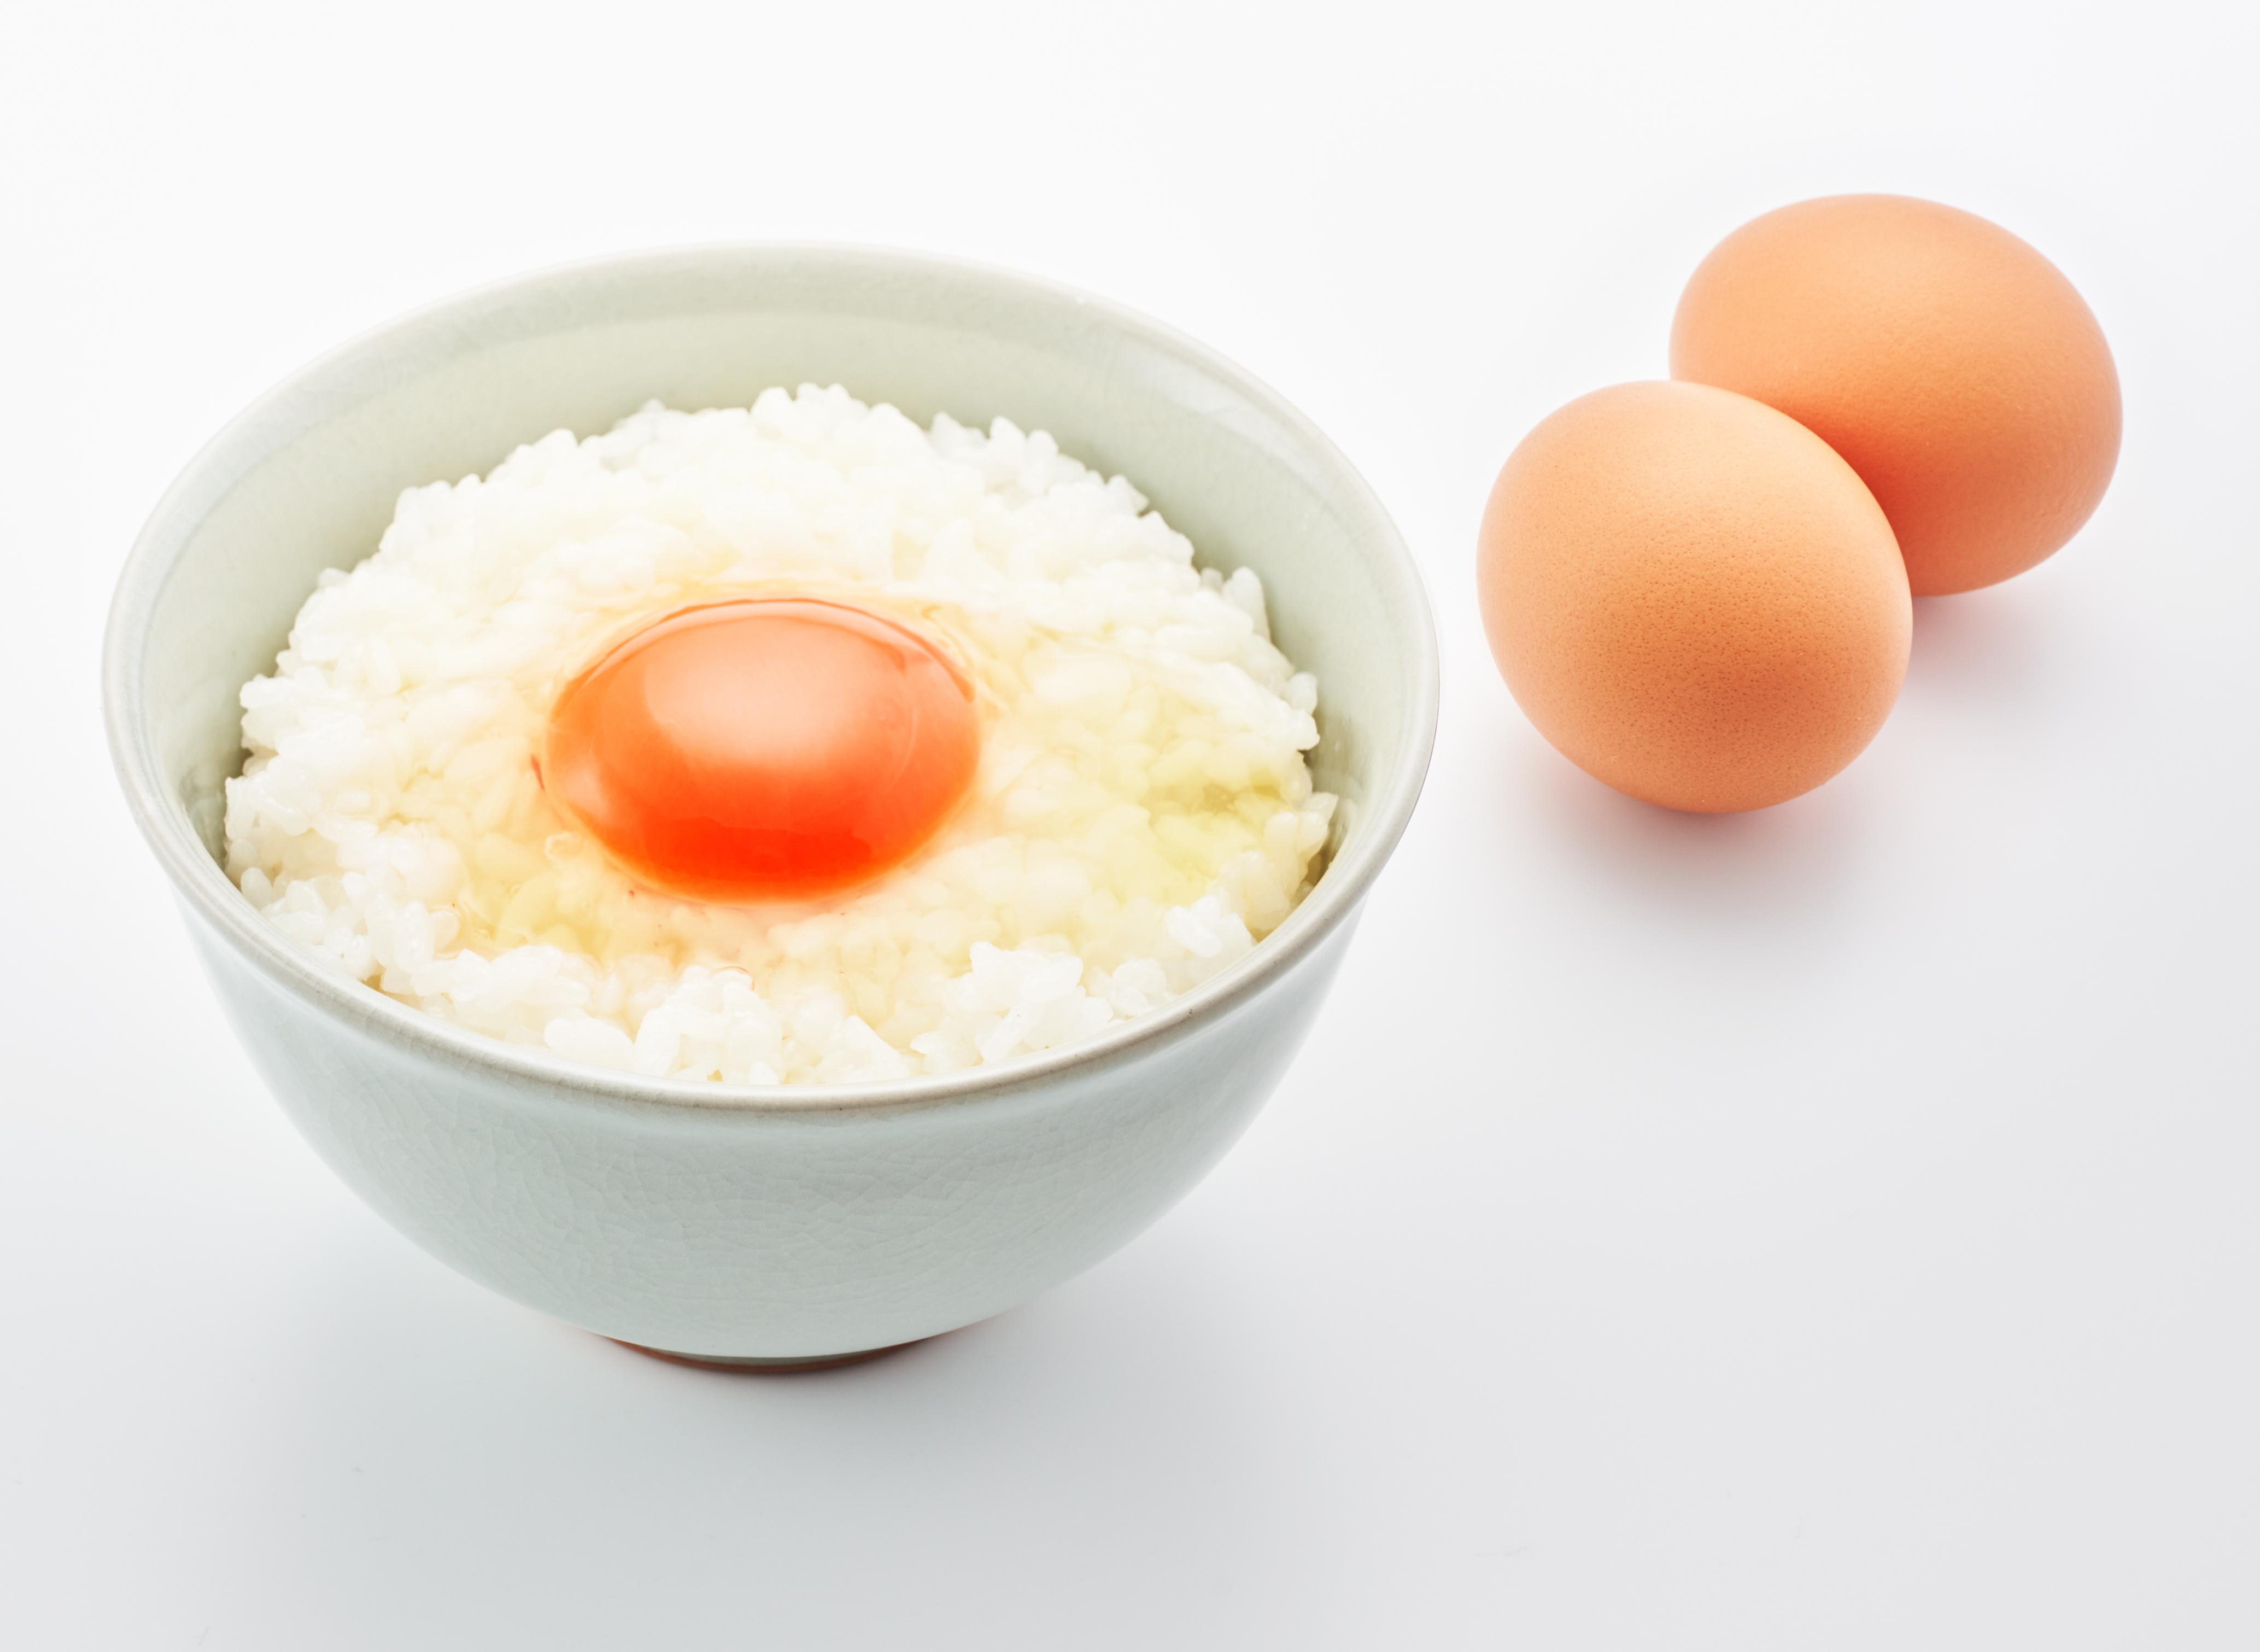 新潟の美味しさたっぷり!!濃厚たまごの卵かけご飯セット CS011003